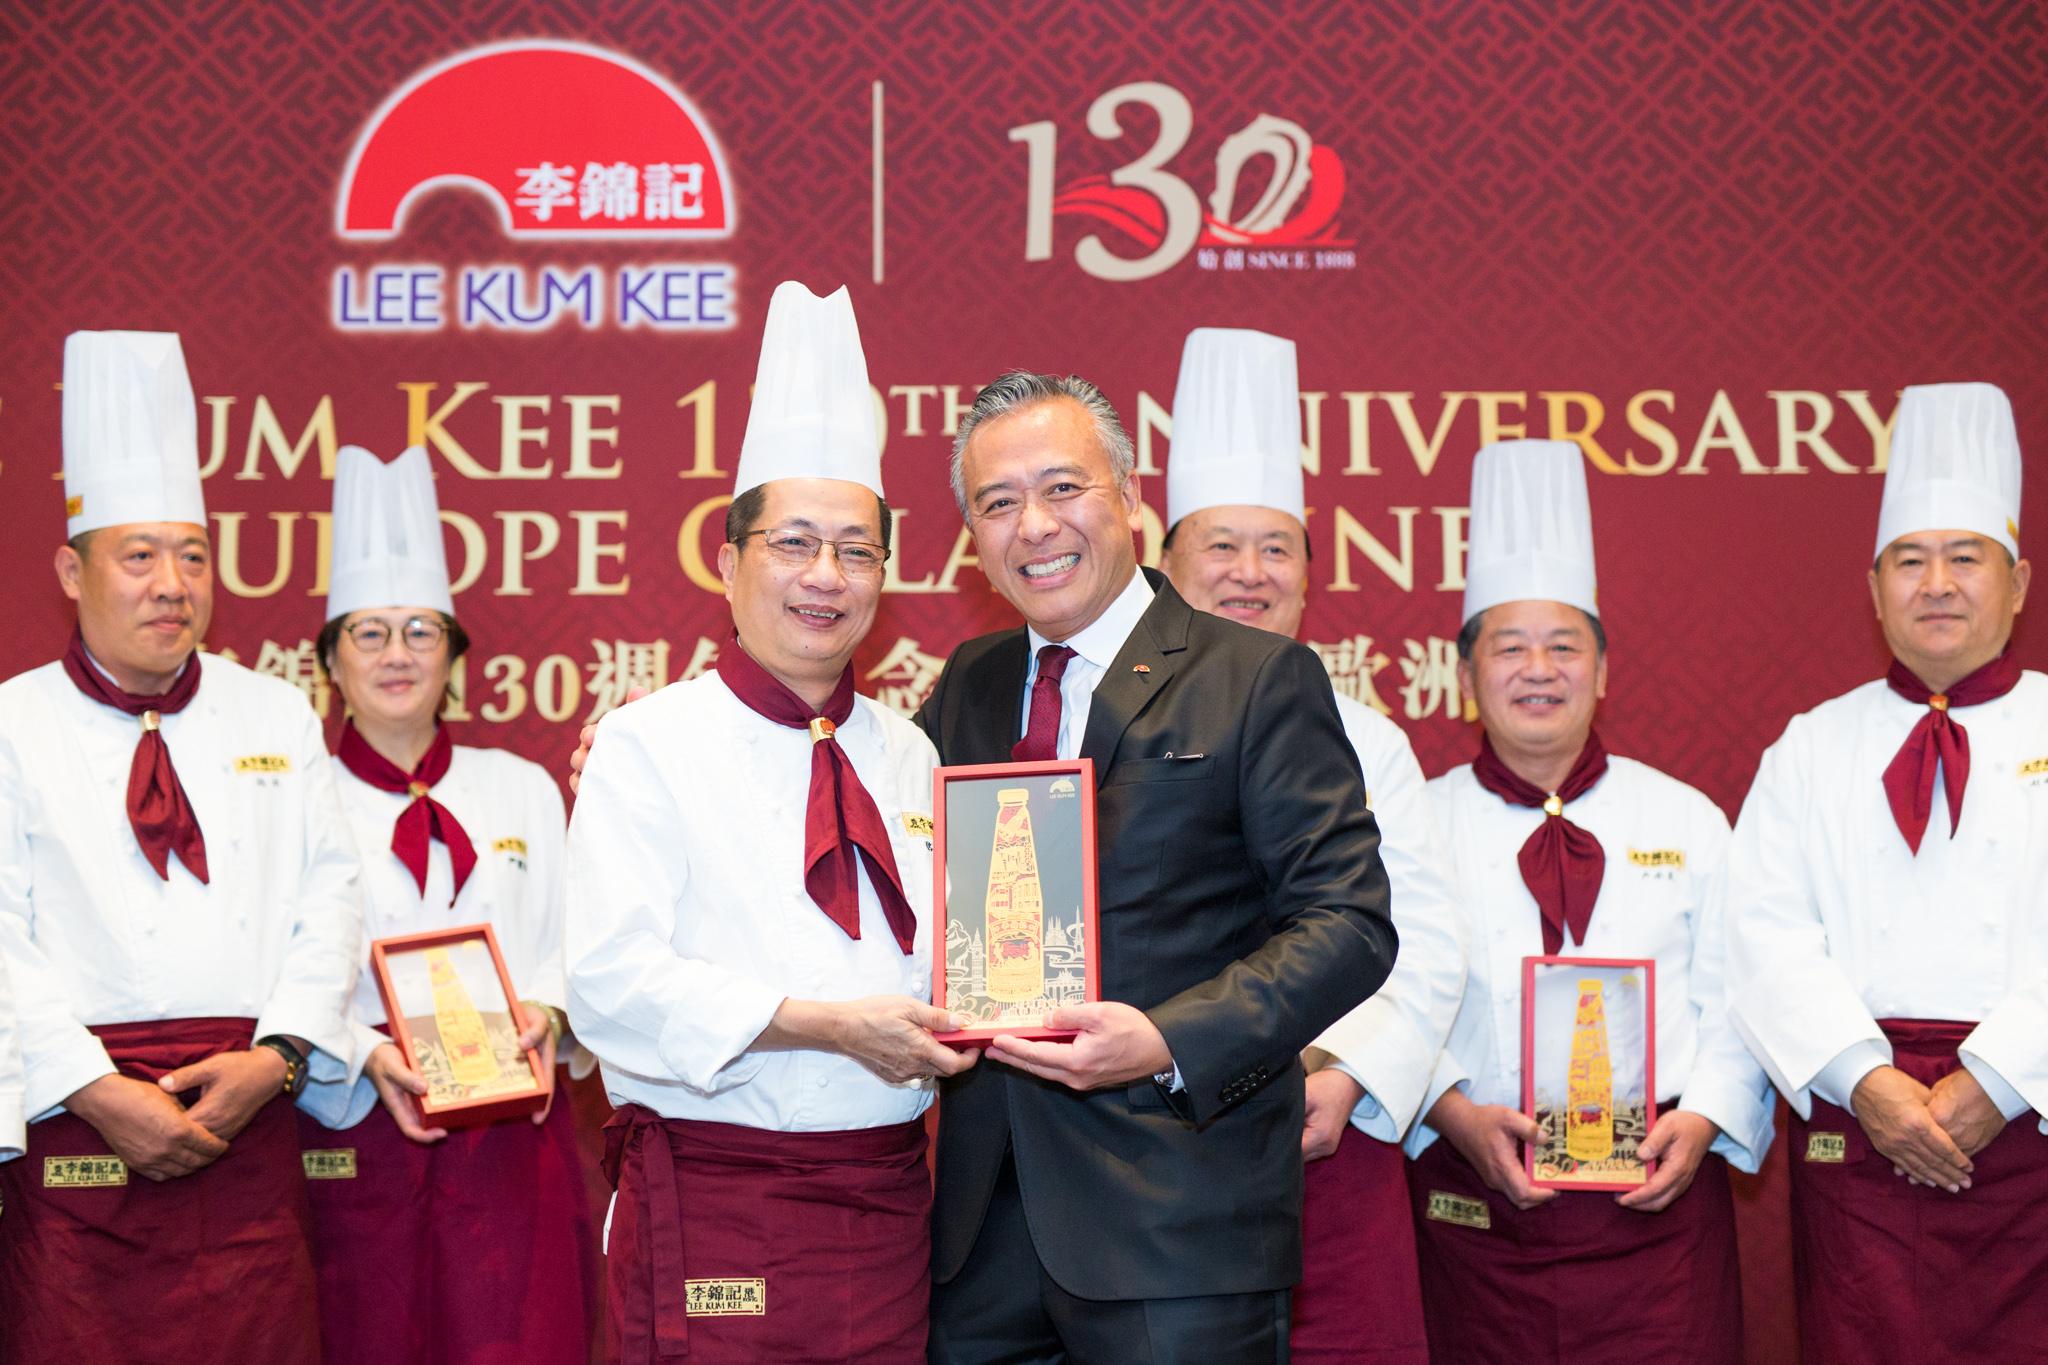 061_prize-giving-award-ceremony.jpg